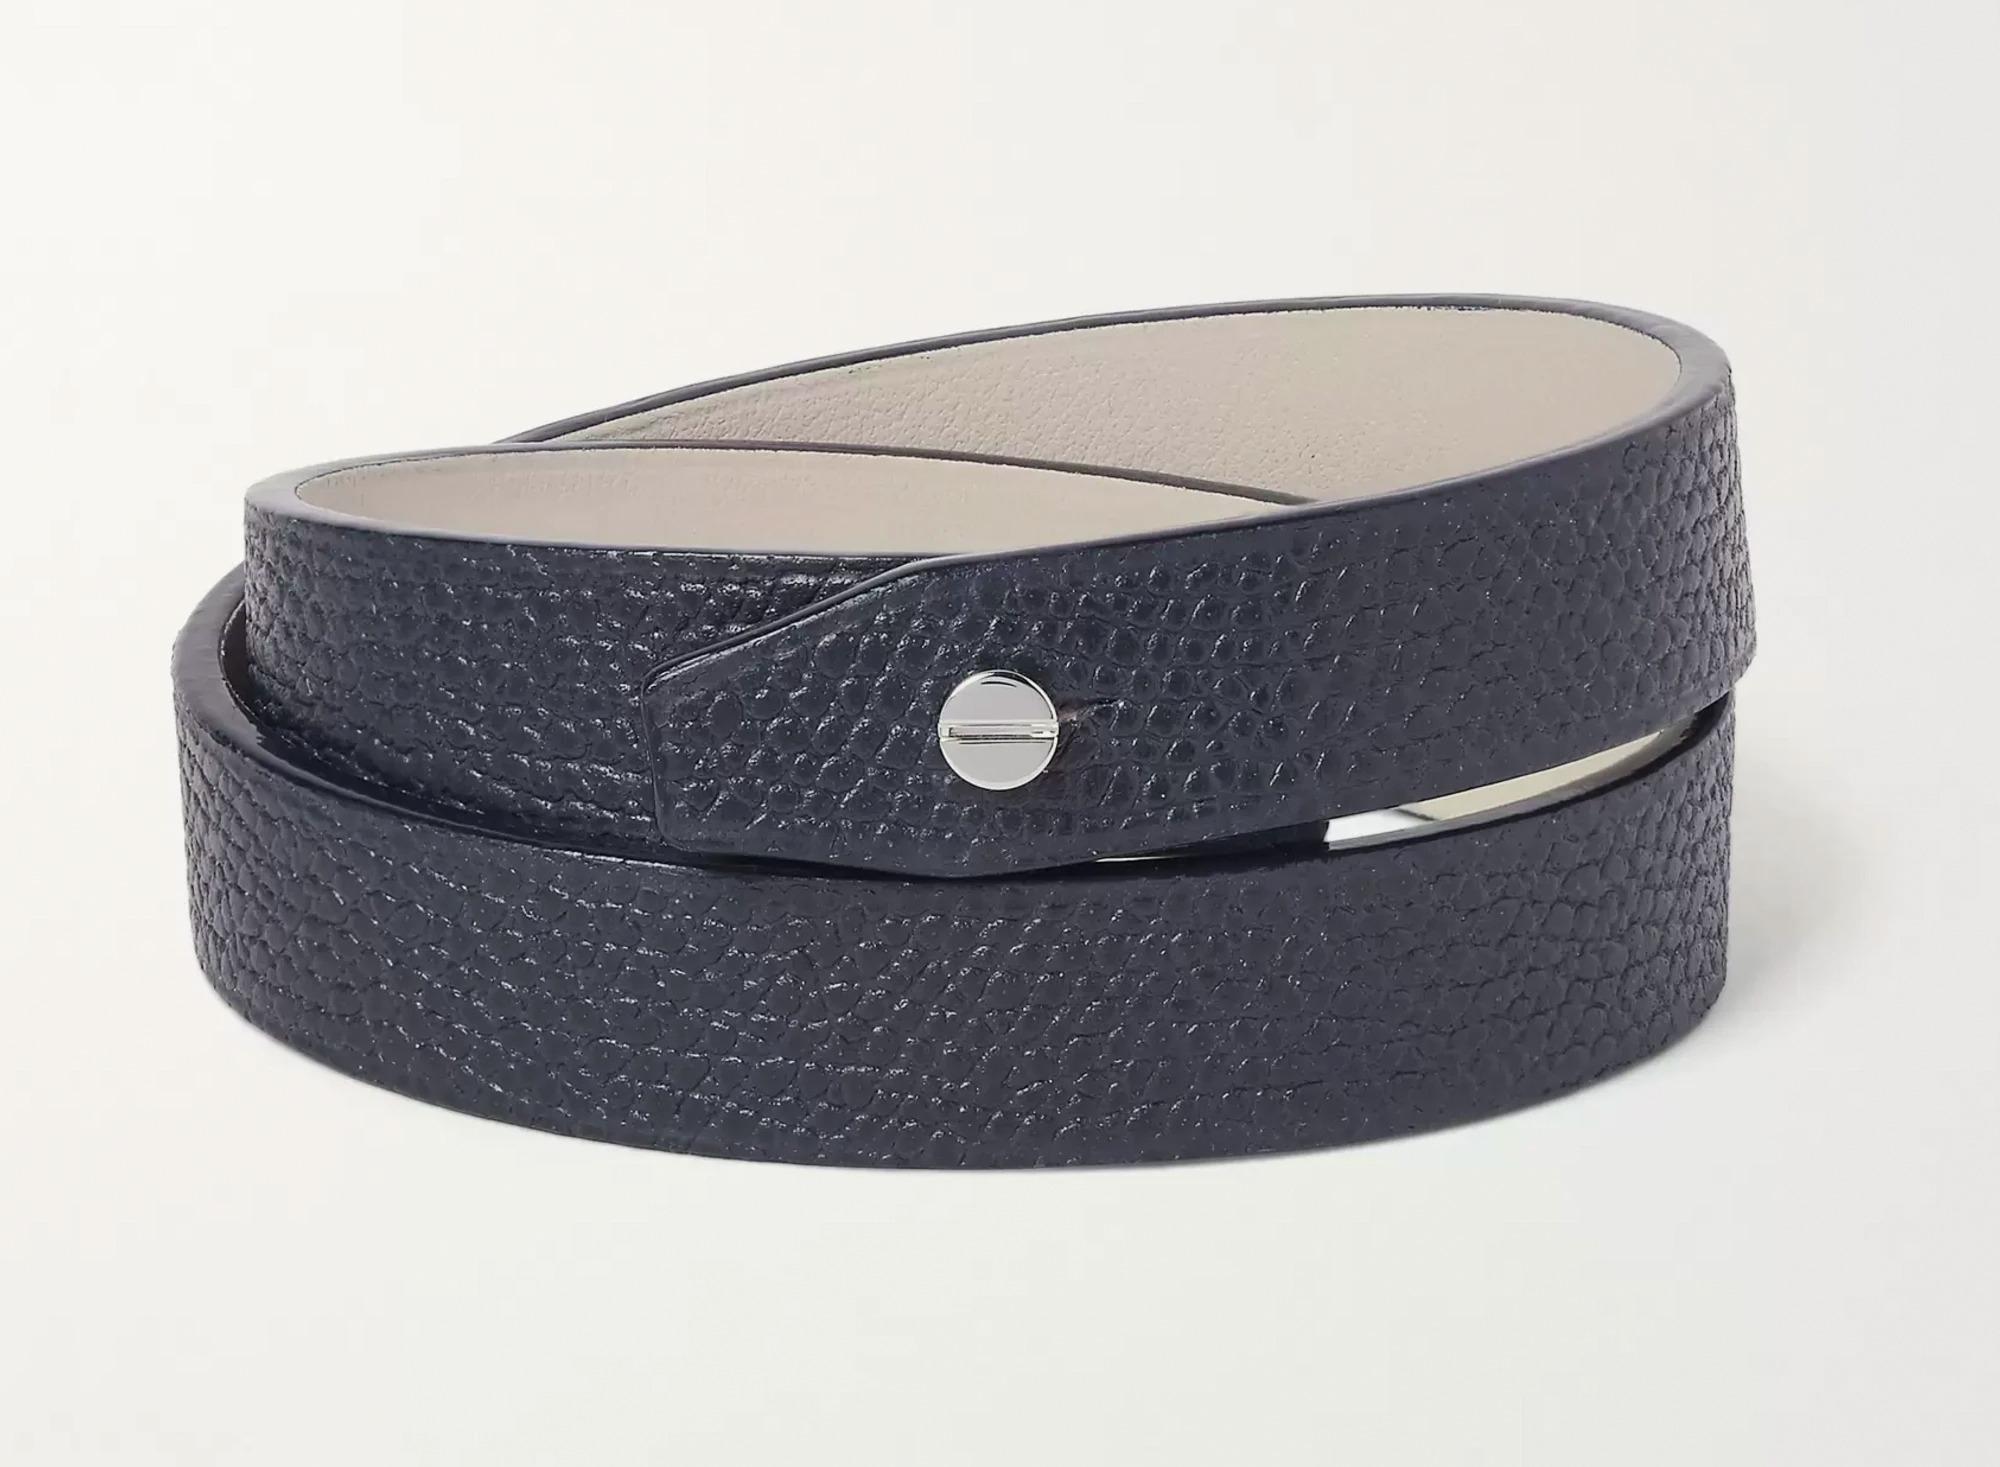 Valextra Navy Leather Bracelet